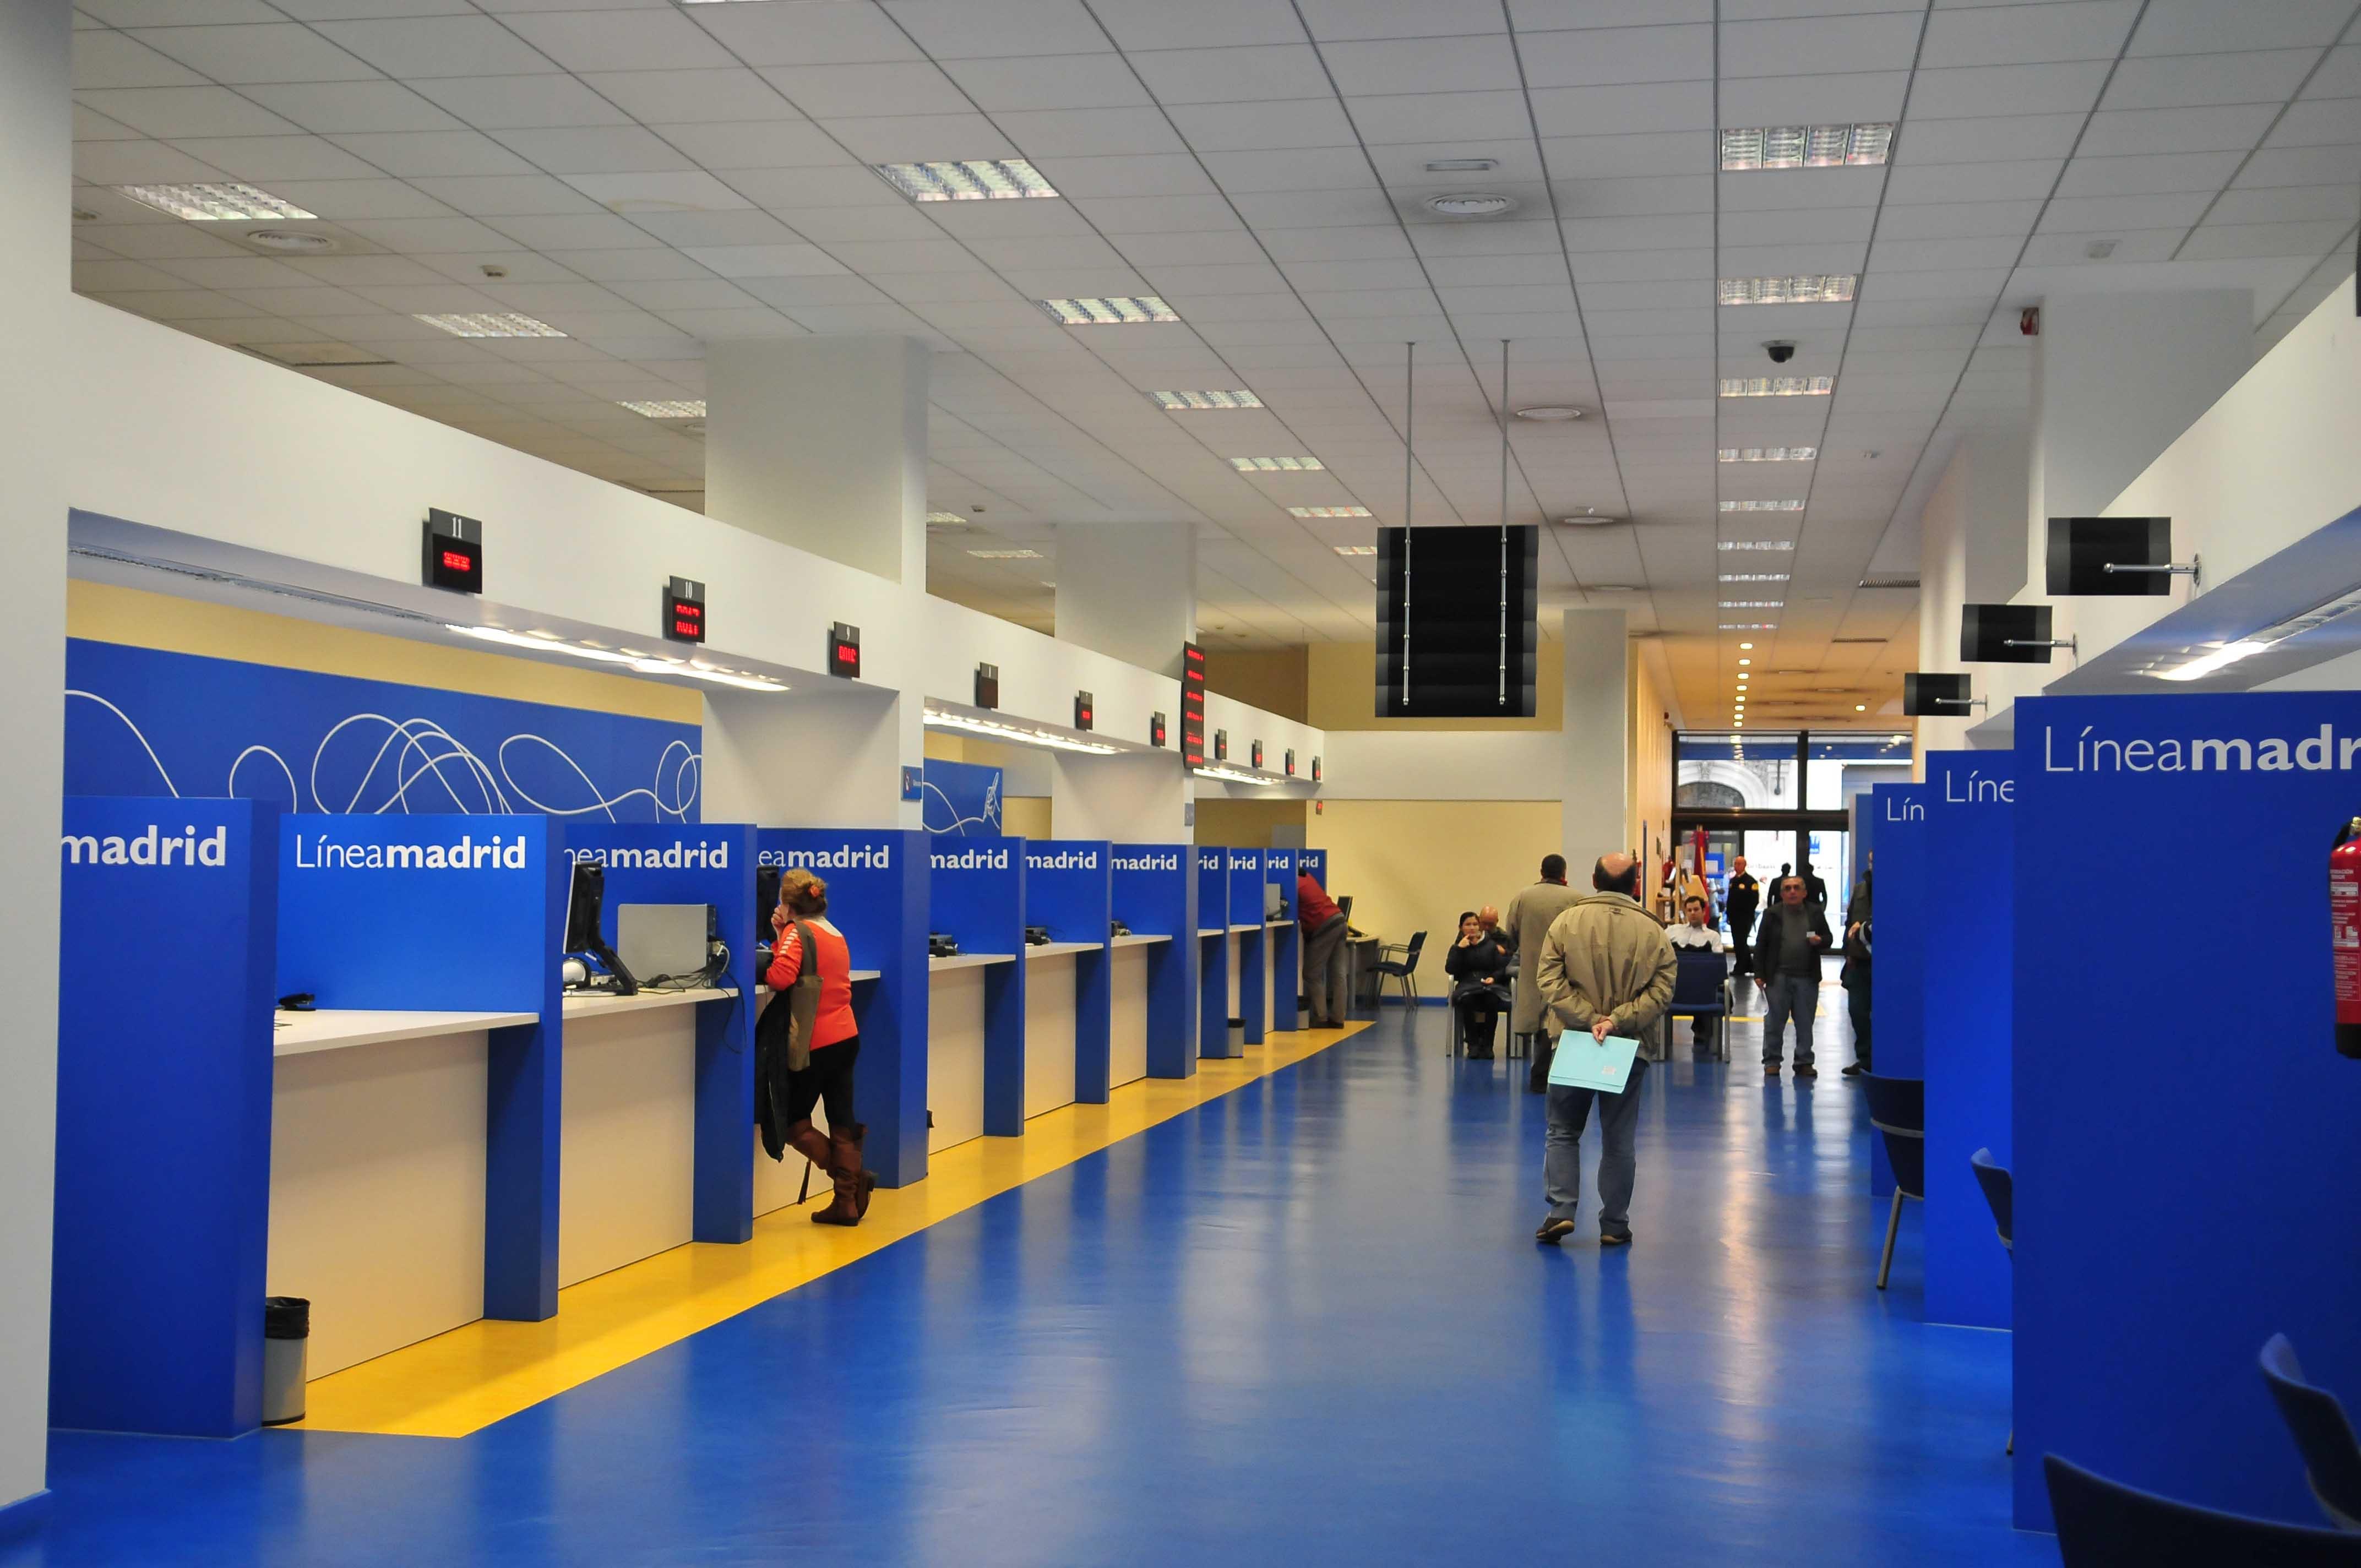 El tel fono 010 l nea madrid m s accesible ayuntamiento for Oficinas linea madrid